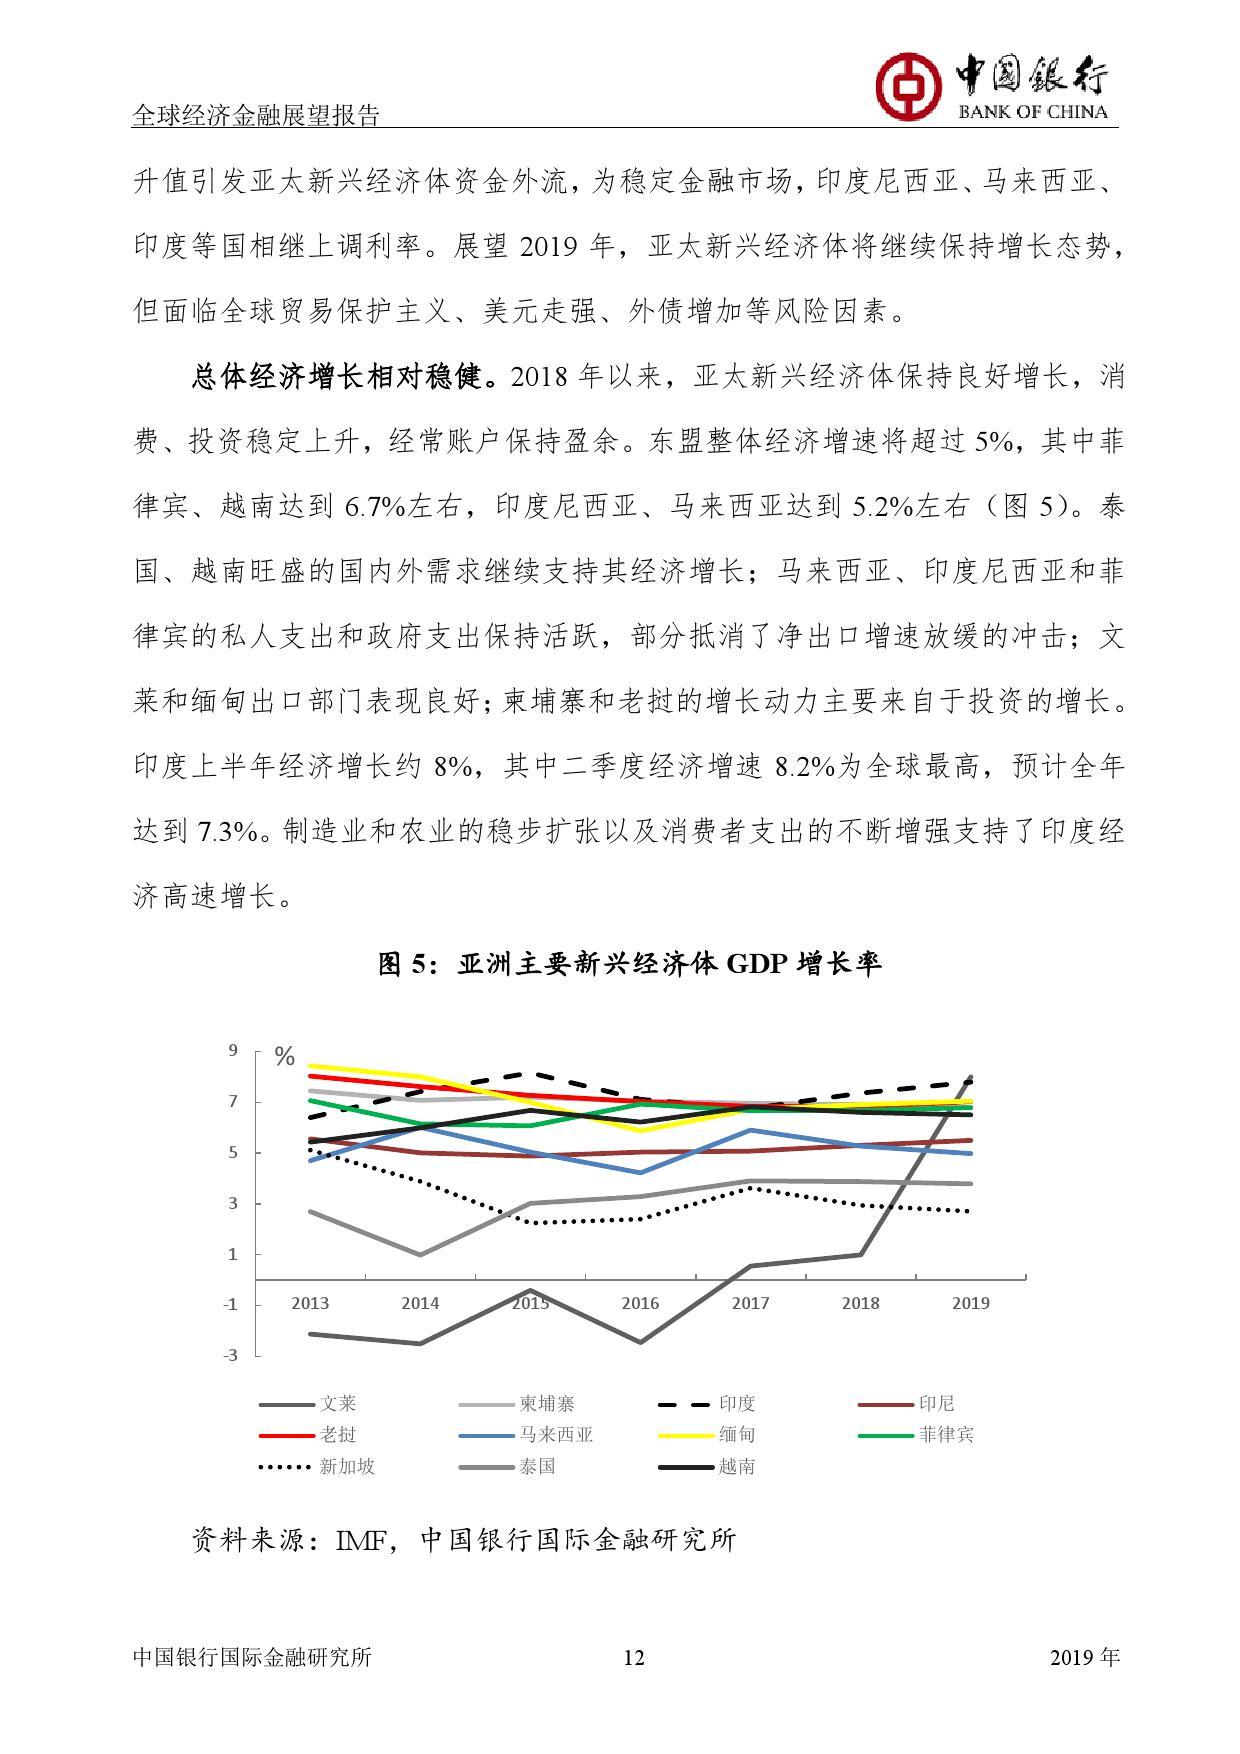 2019年世界经济报告_世界经济论坛 2019年全球风险报告 Useit 知识库